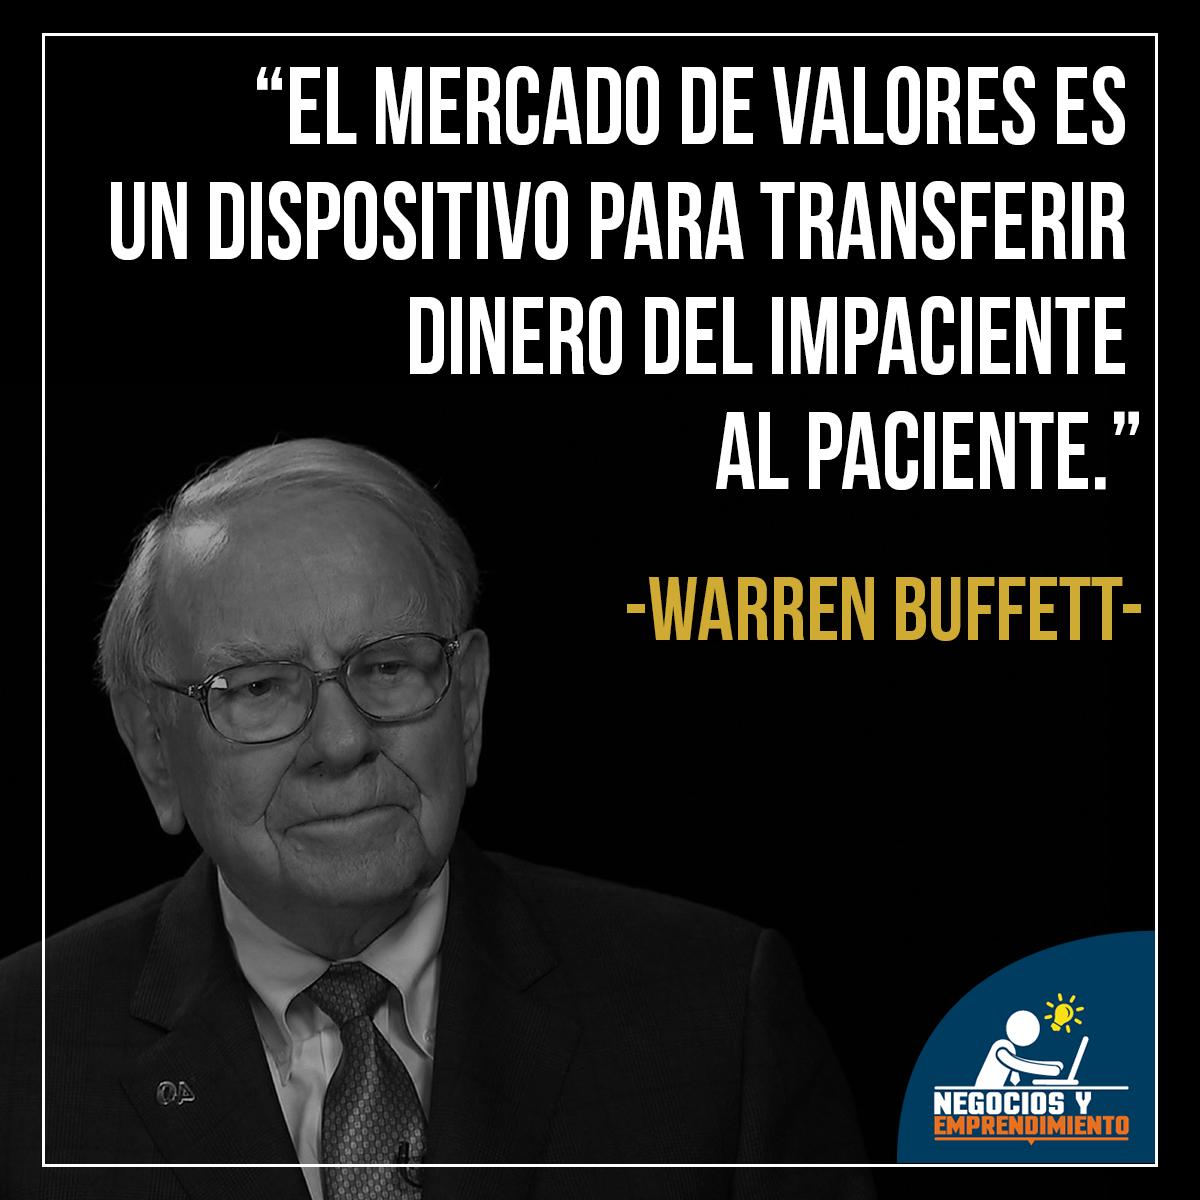 El Mercado De Valores Es Un Dispositivo Para Transferir